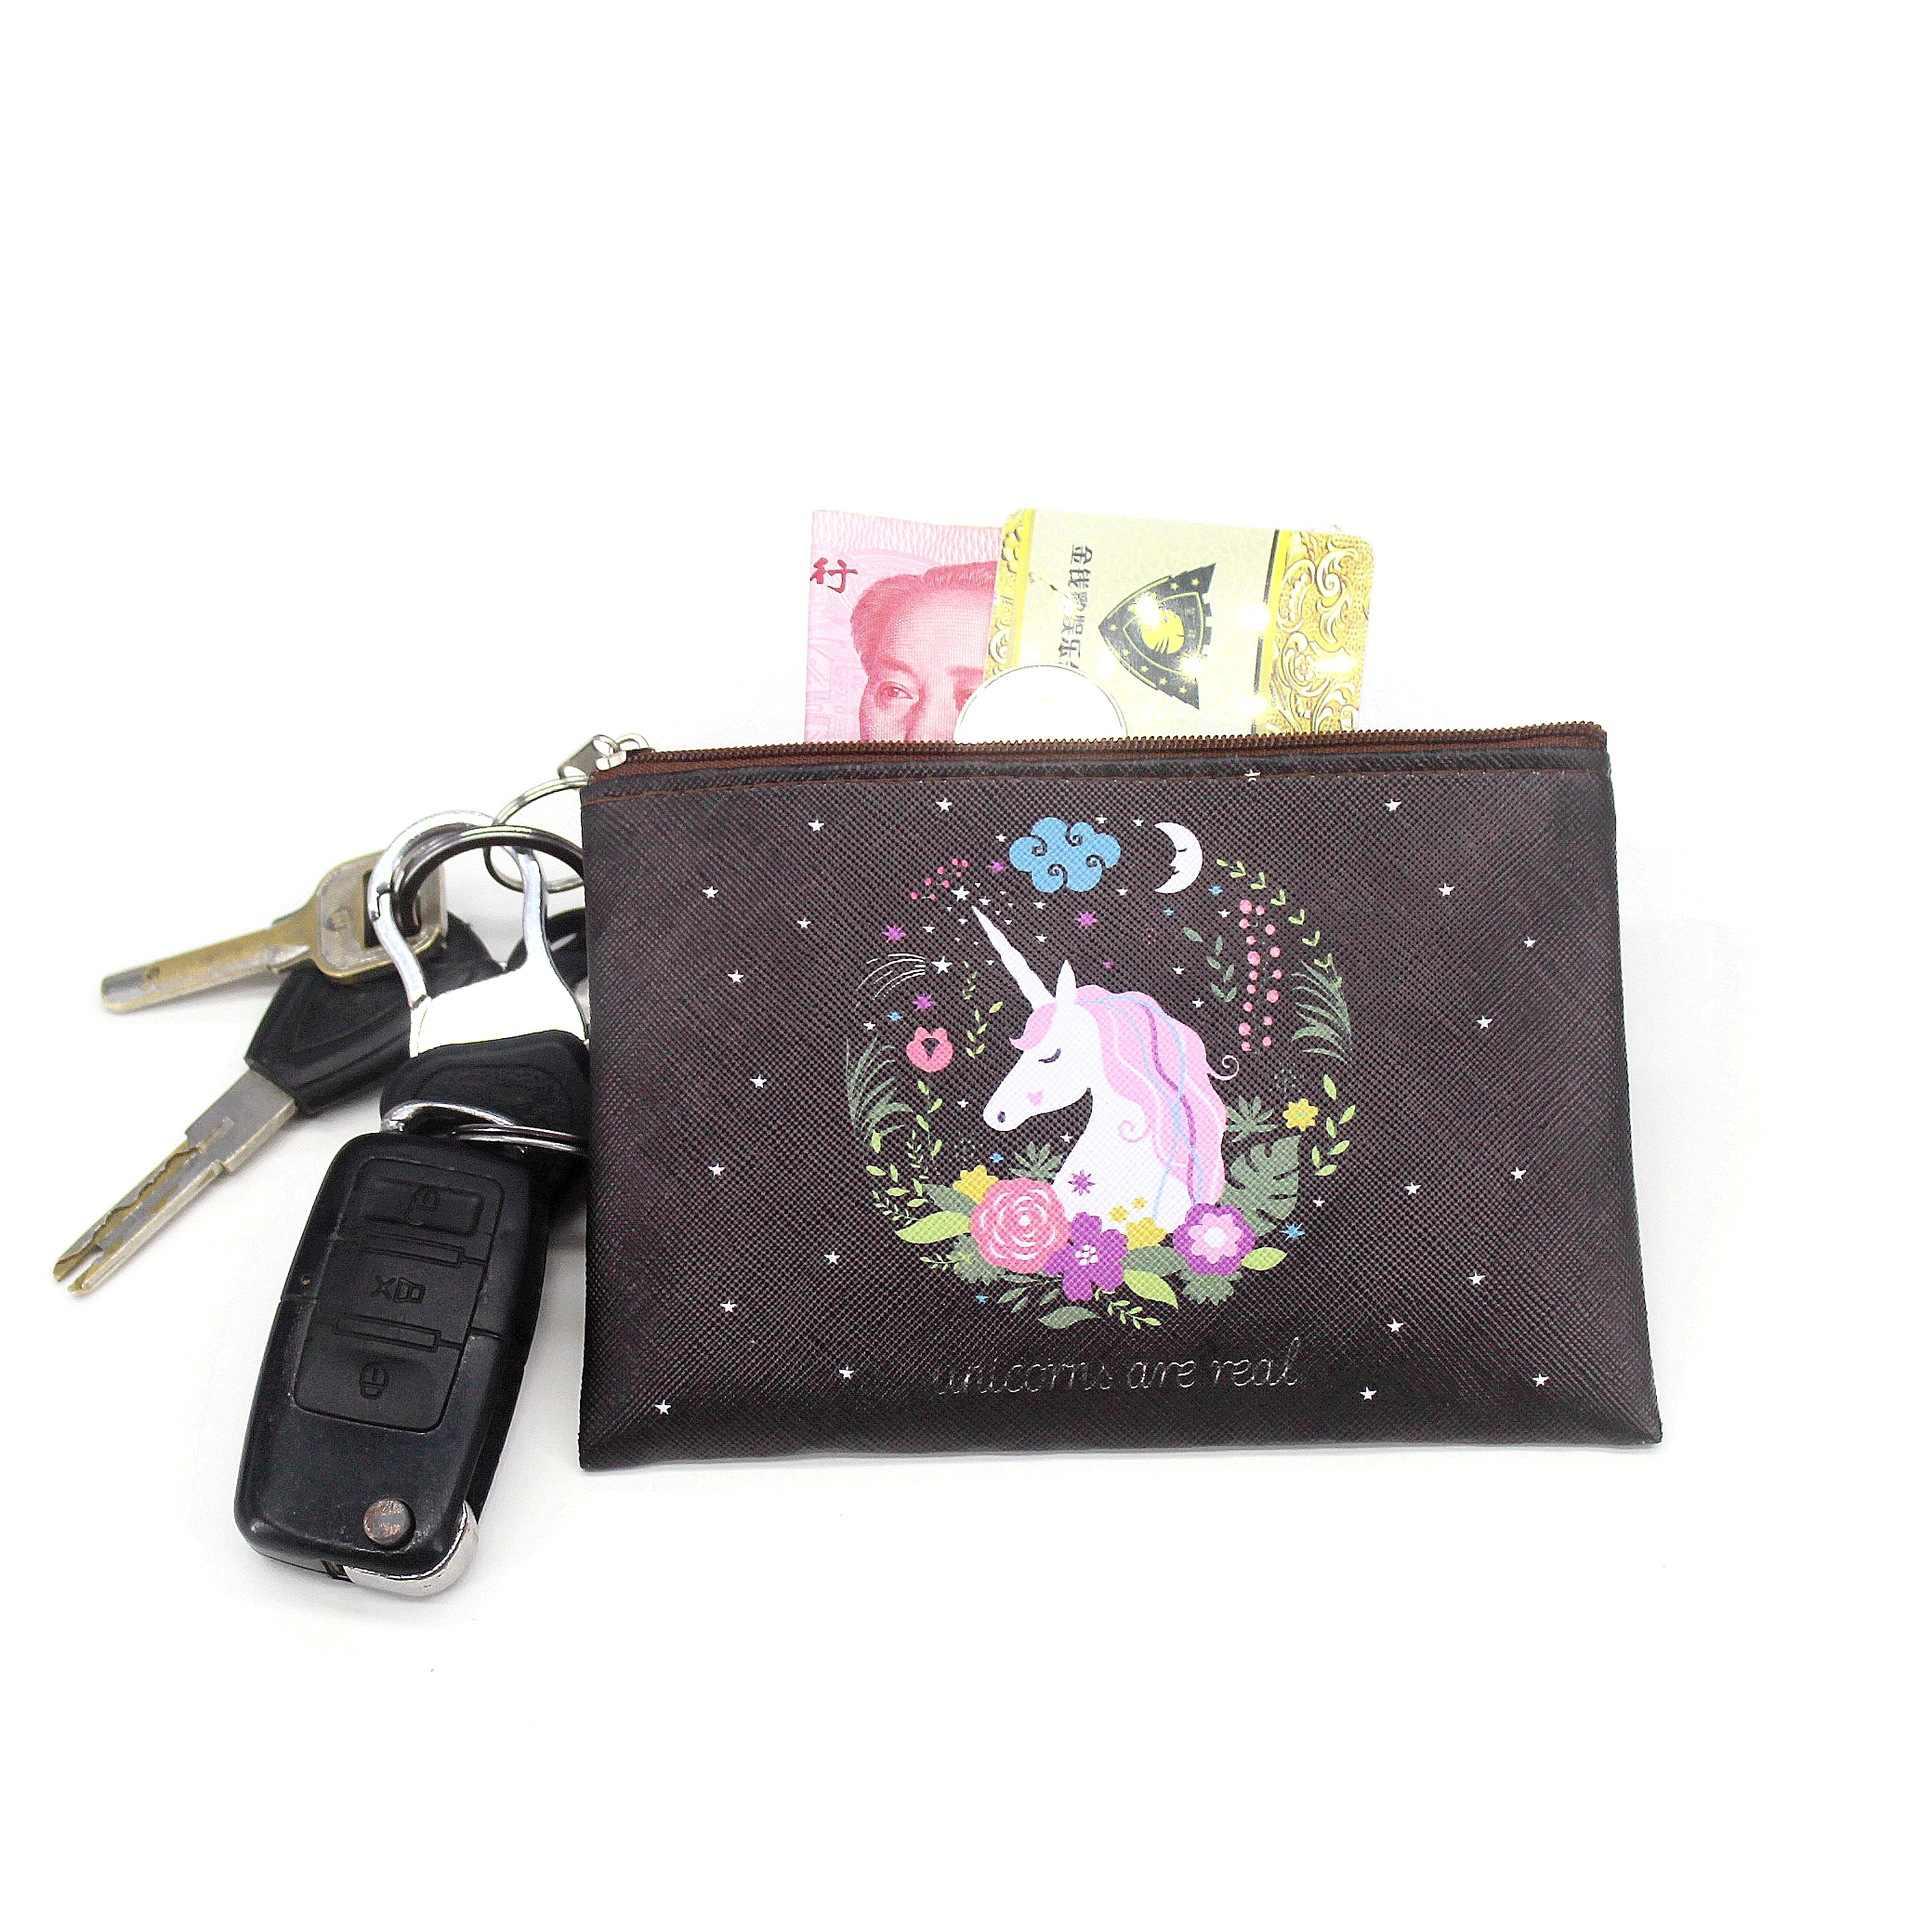 Unicórnio dos desenhos animados coin bolsas mulheres mini carteiras titular do cartão bonito chave senhoras sacos de dinheiro para as meninas bolsa crianças Do Sexo Feminino crianças bolsa